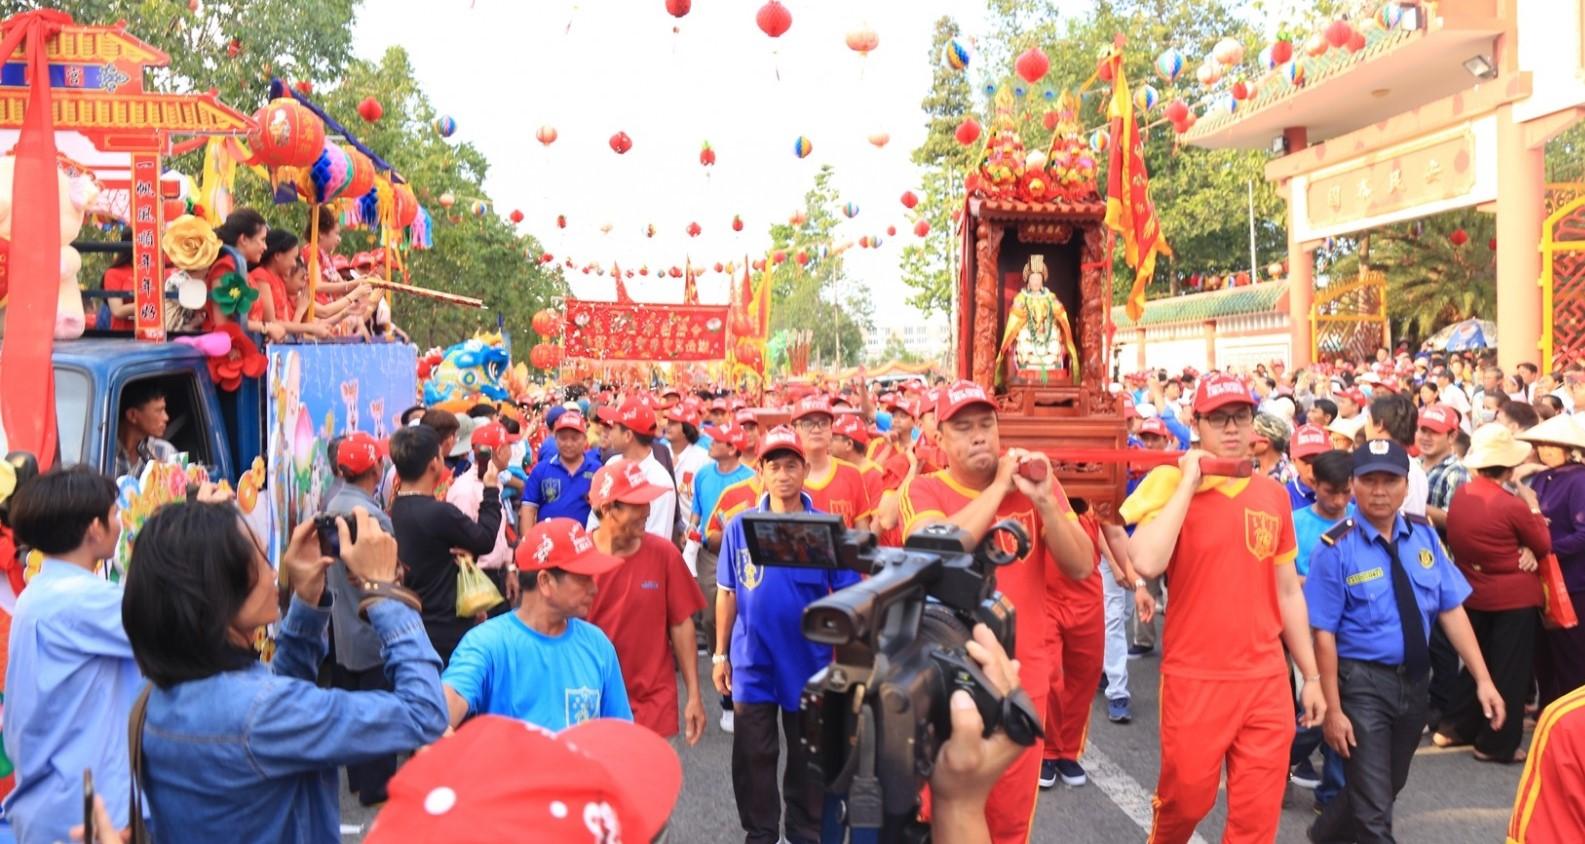 Lễ rước tại hội chùa Bà Thiên Hậu - một trong các lễ hội ở thành phố Hồ Chí Minh nổi tiếng